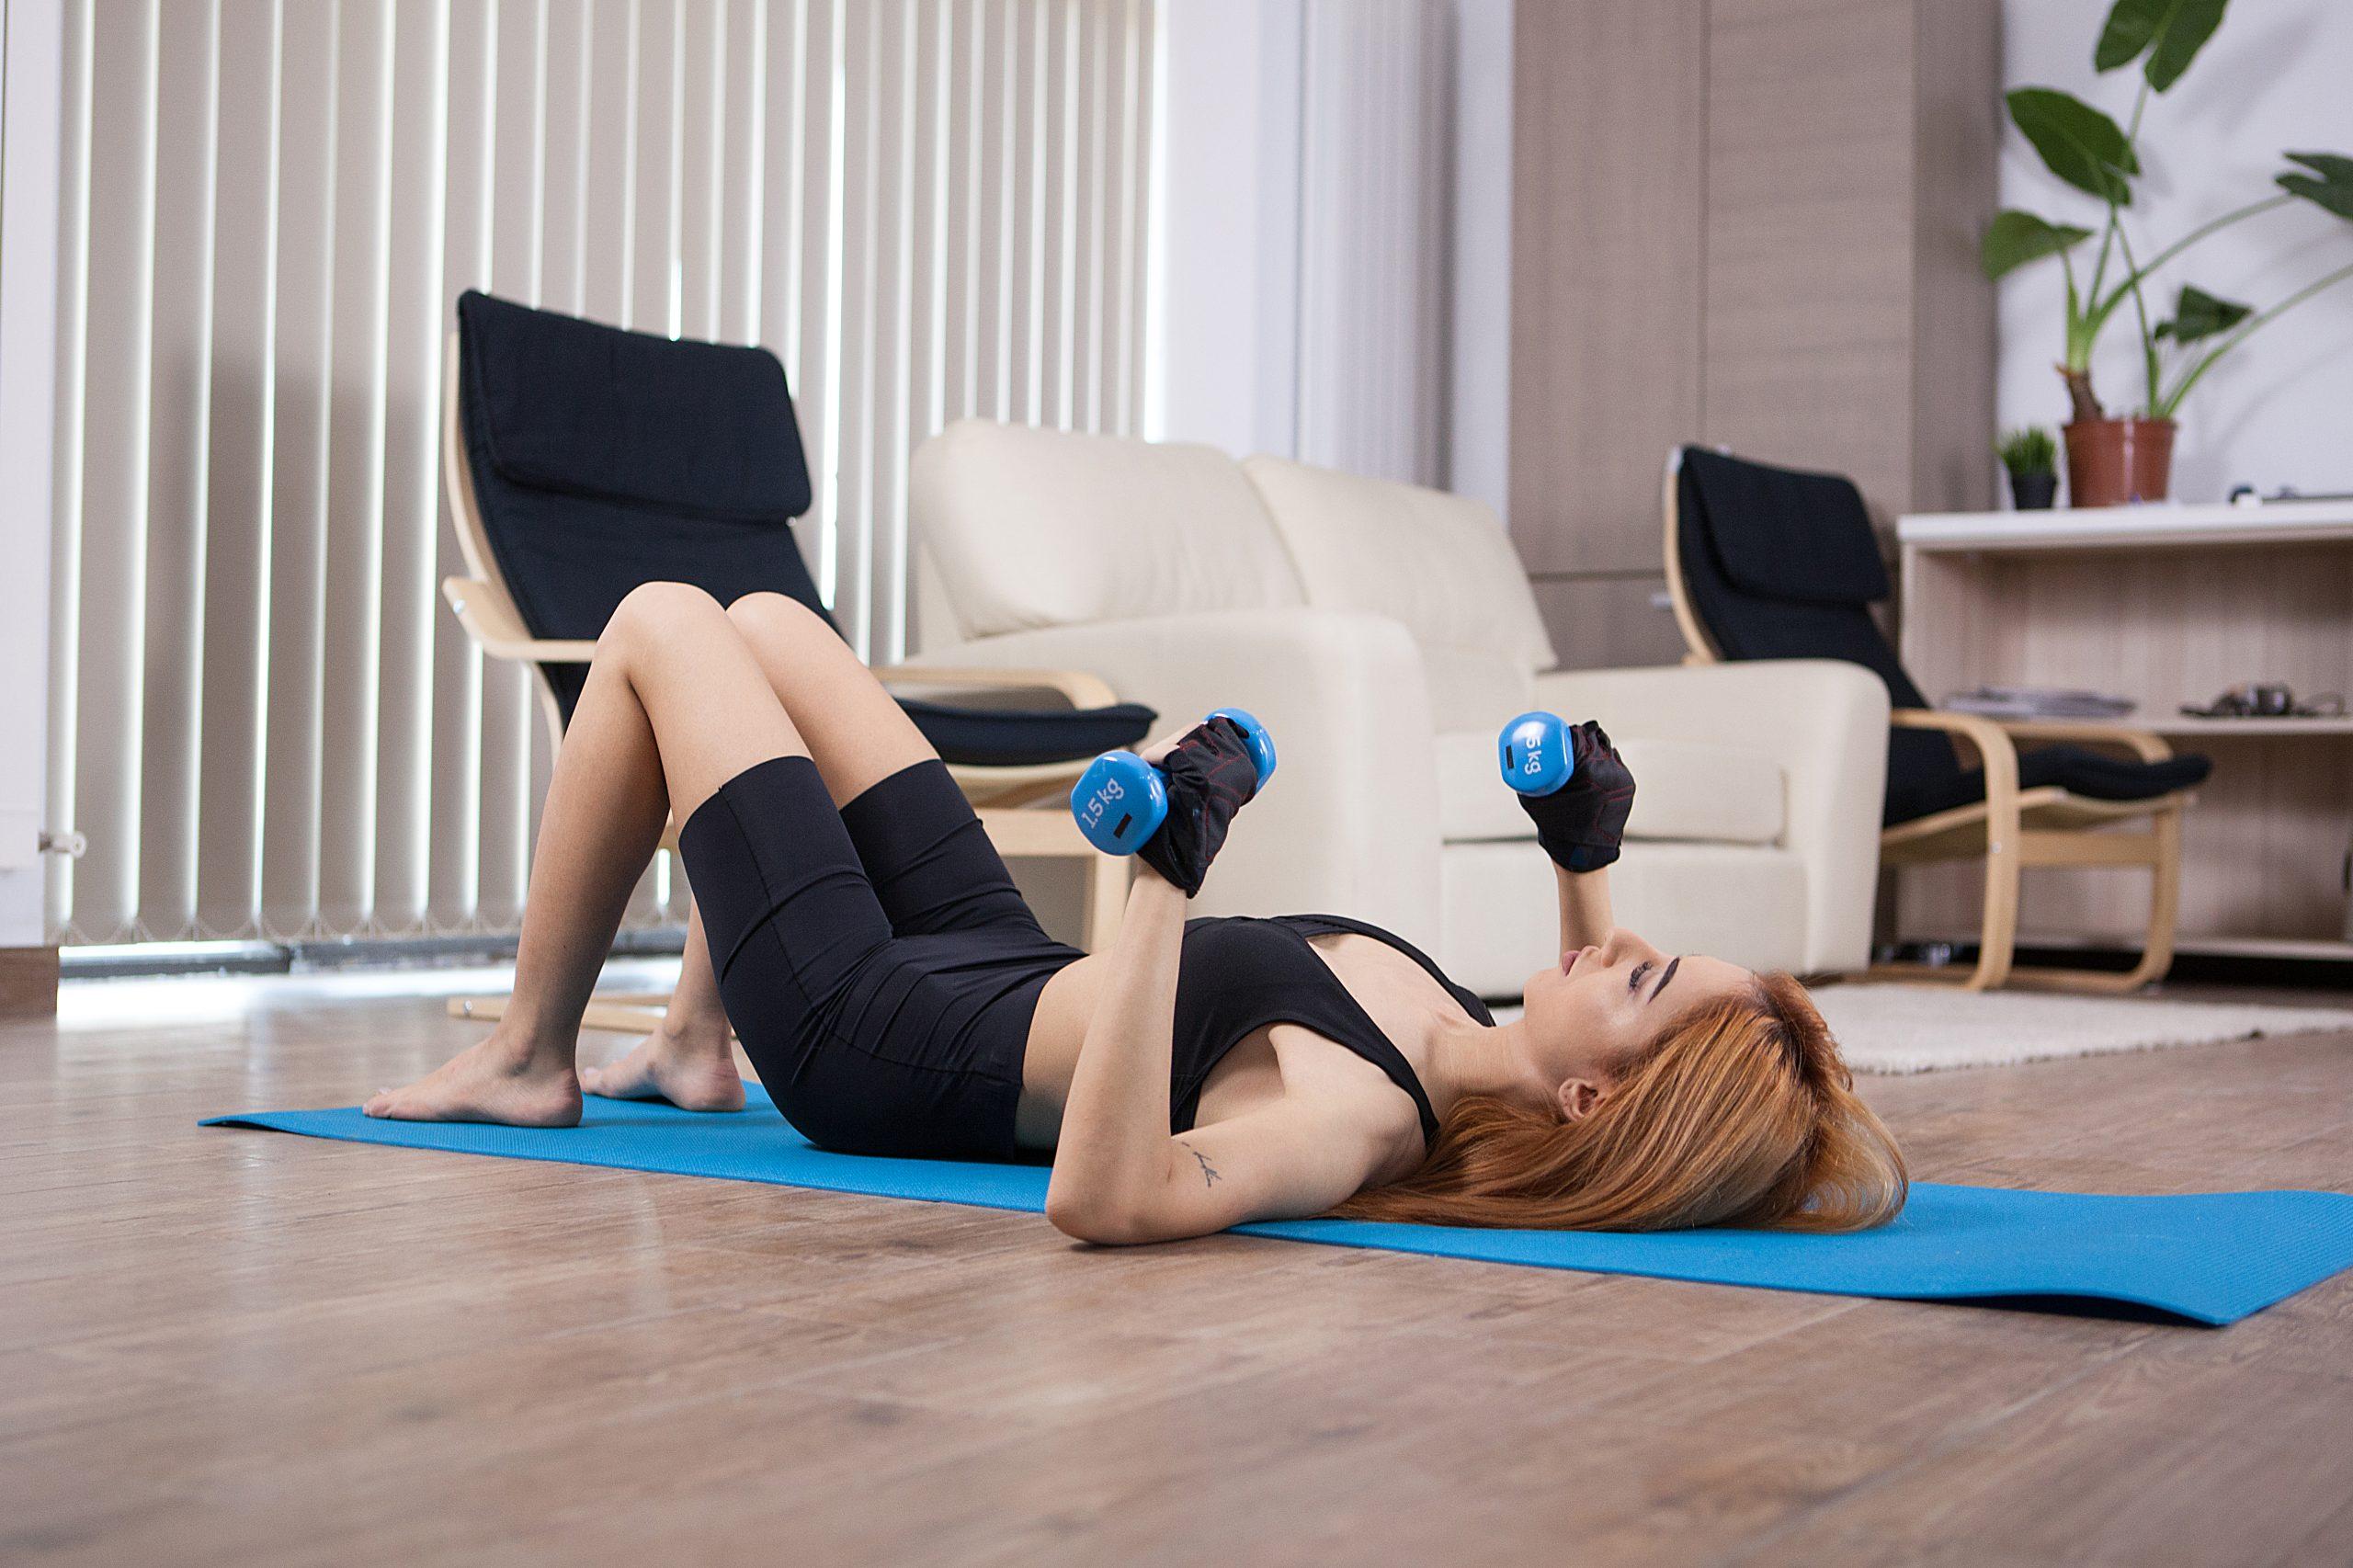 Regular Gyms vs Home Gyms